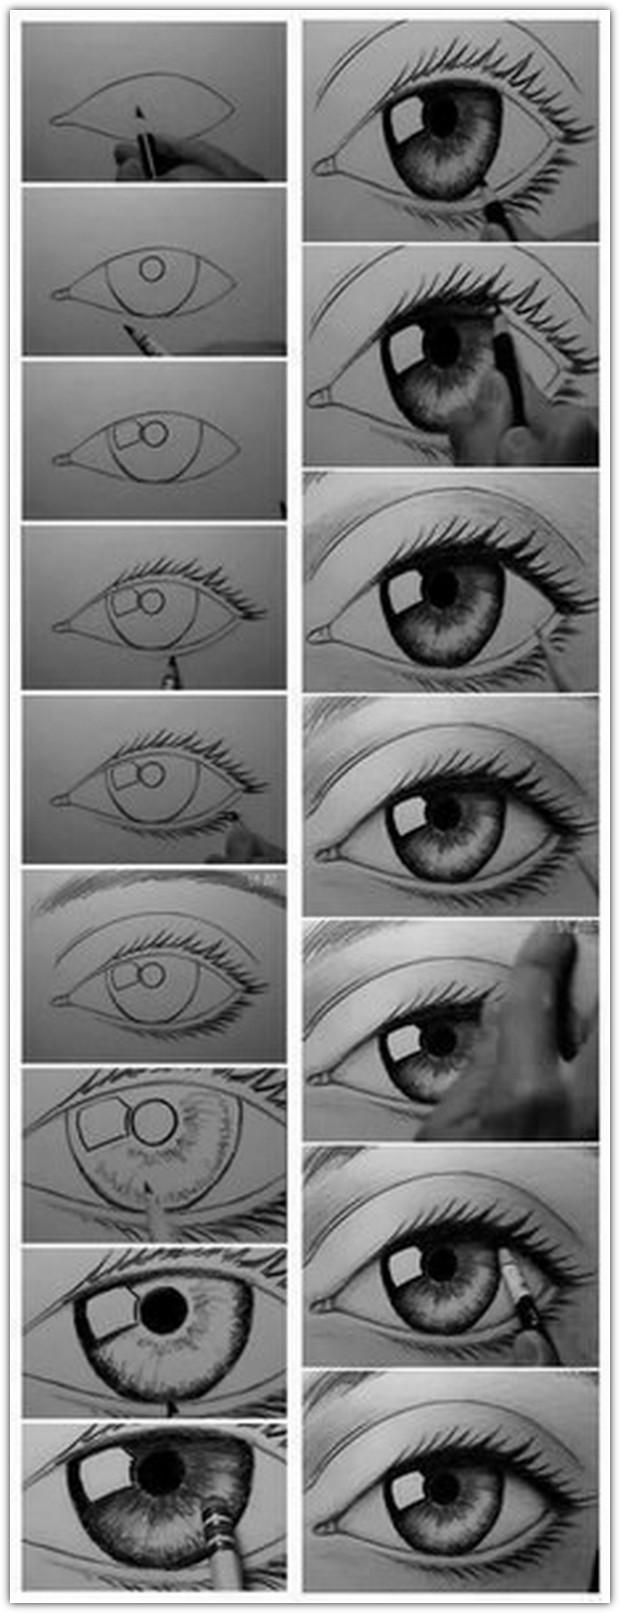 Как нарисовать глаза: схема №3